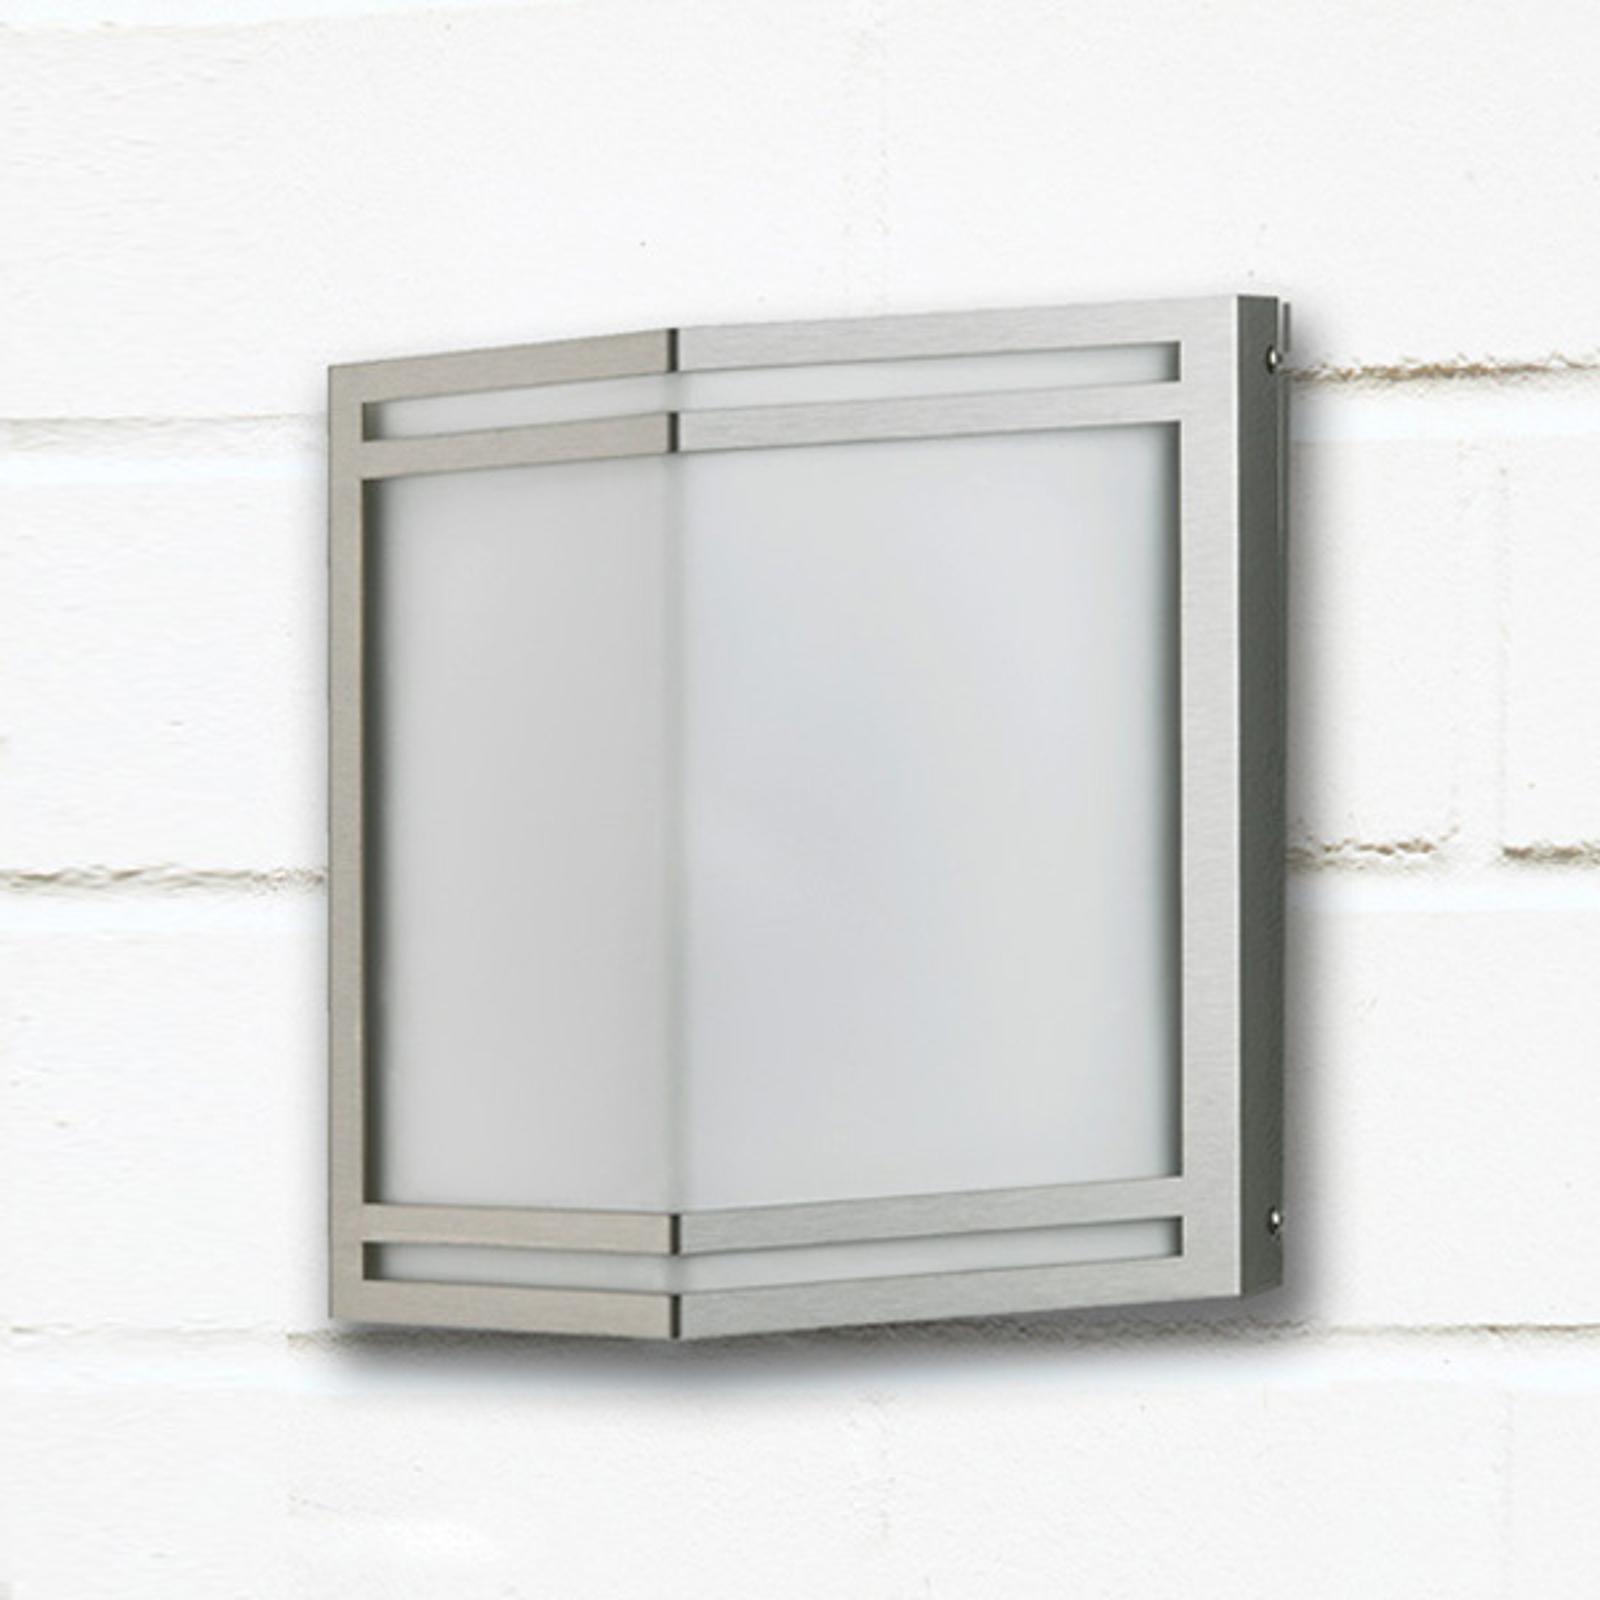 Applique LED da esterni Dobrin di acciaio inox